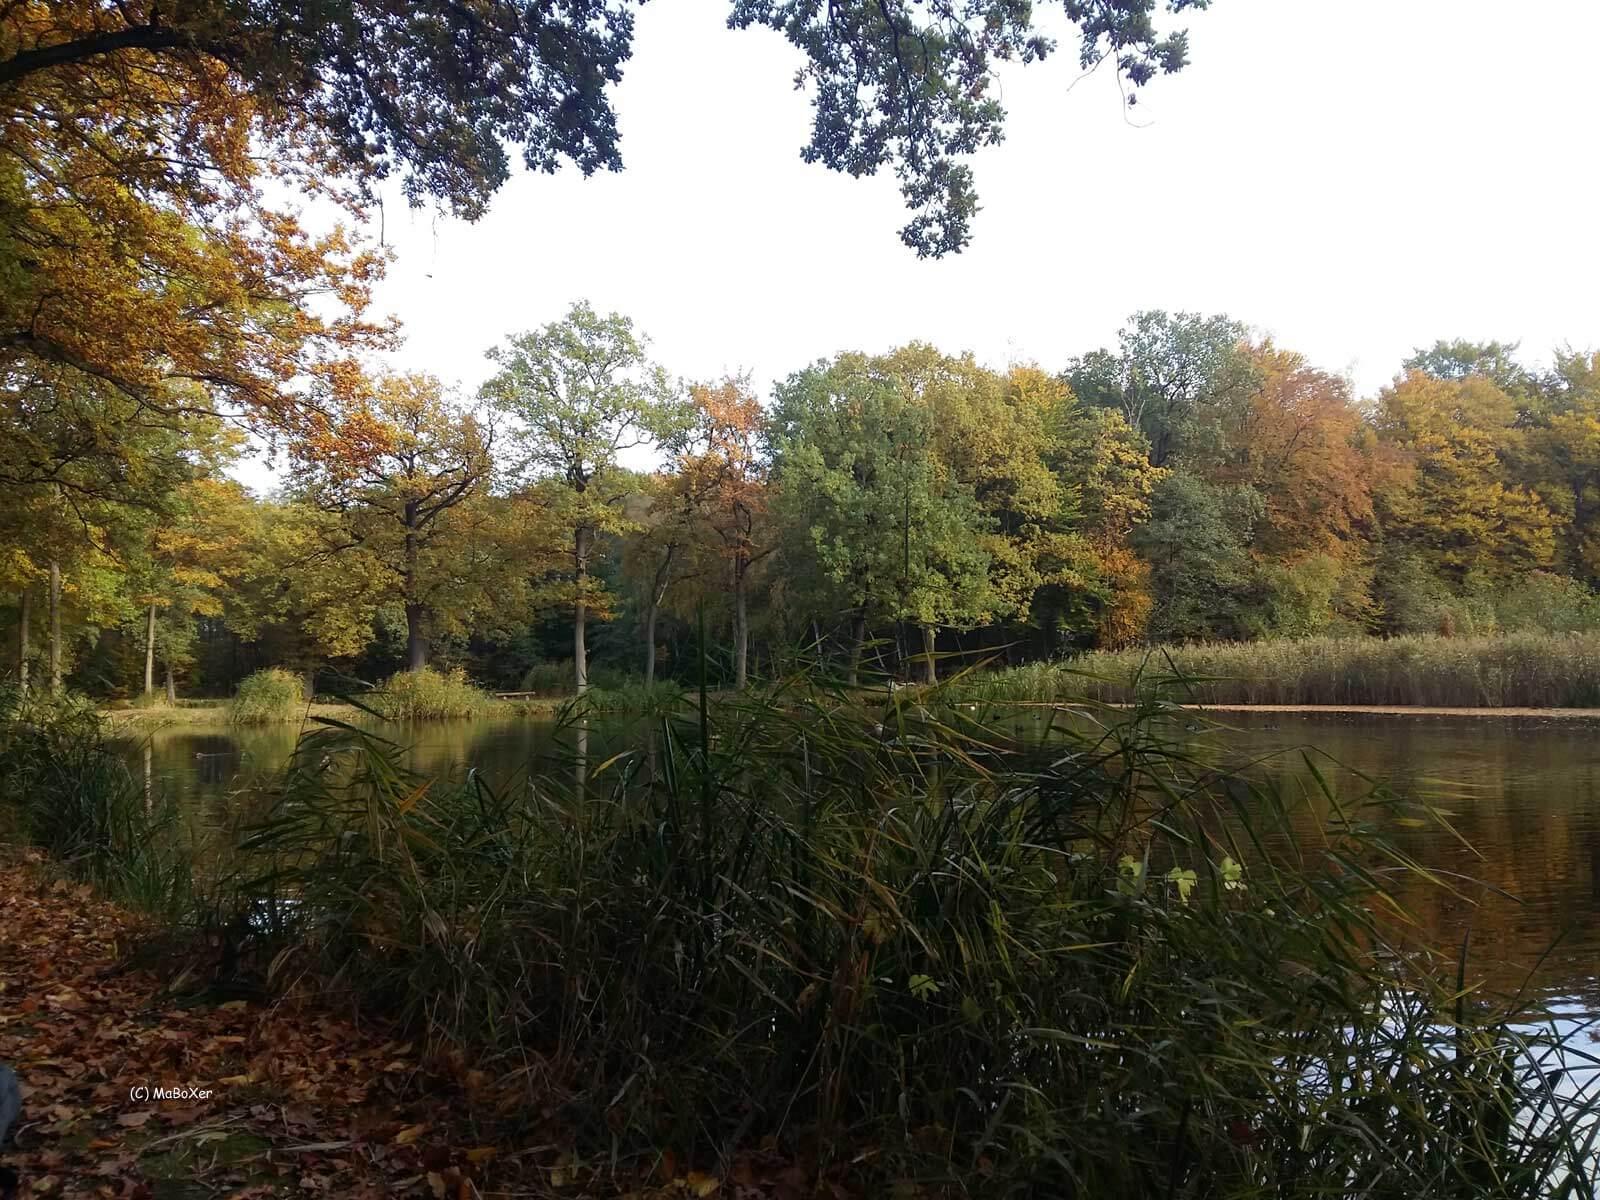 Teich 3 Schilf © MaBoXer